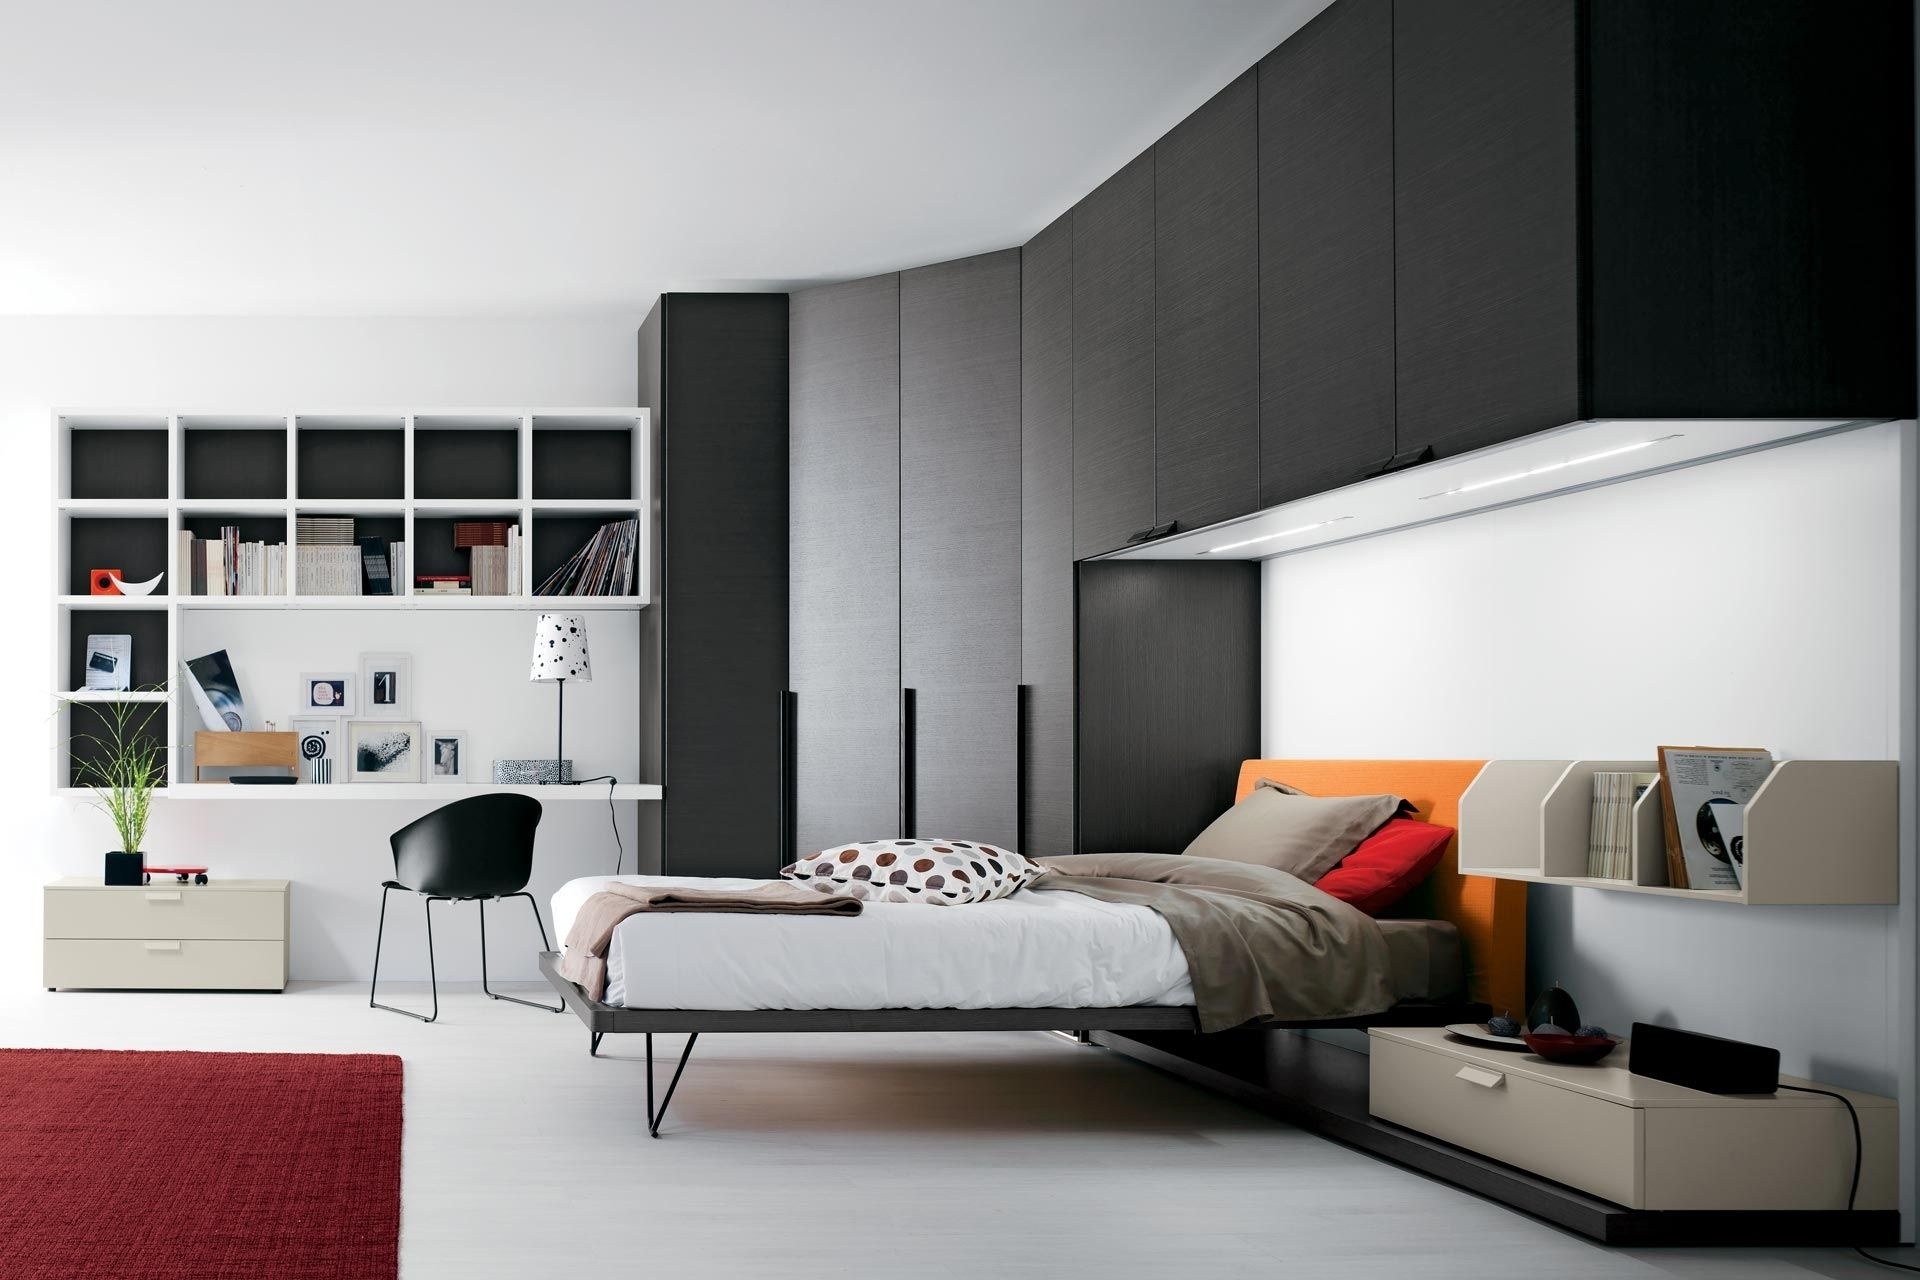 design camera da letto ragazzi divani colorati moderni per il ... - Design Camera Da Letto